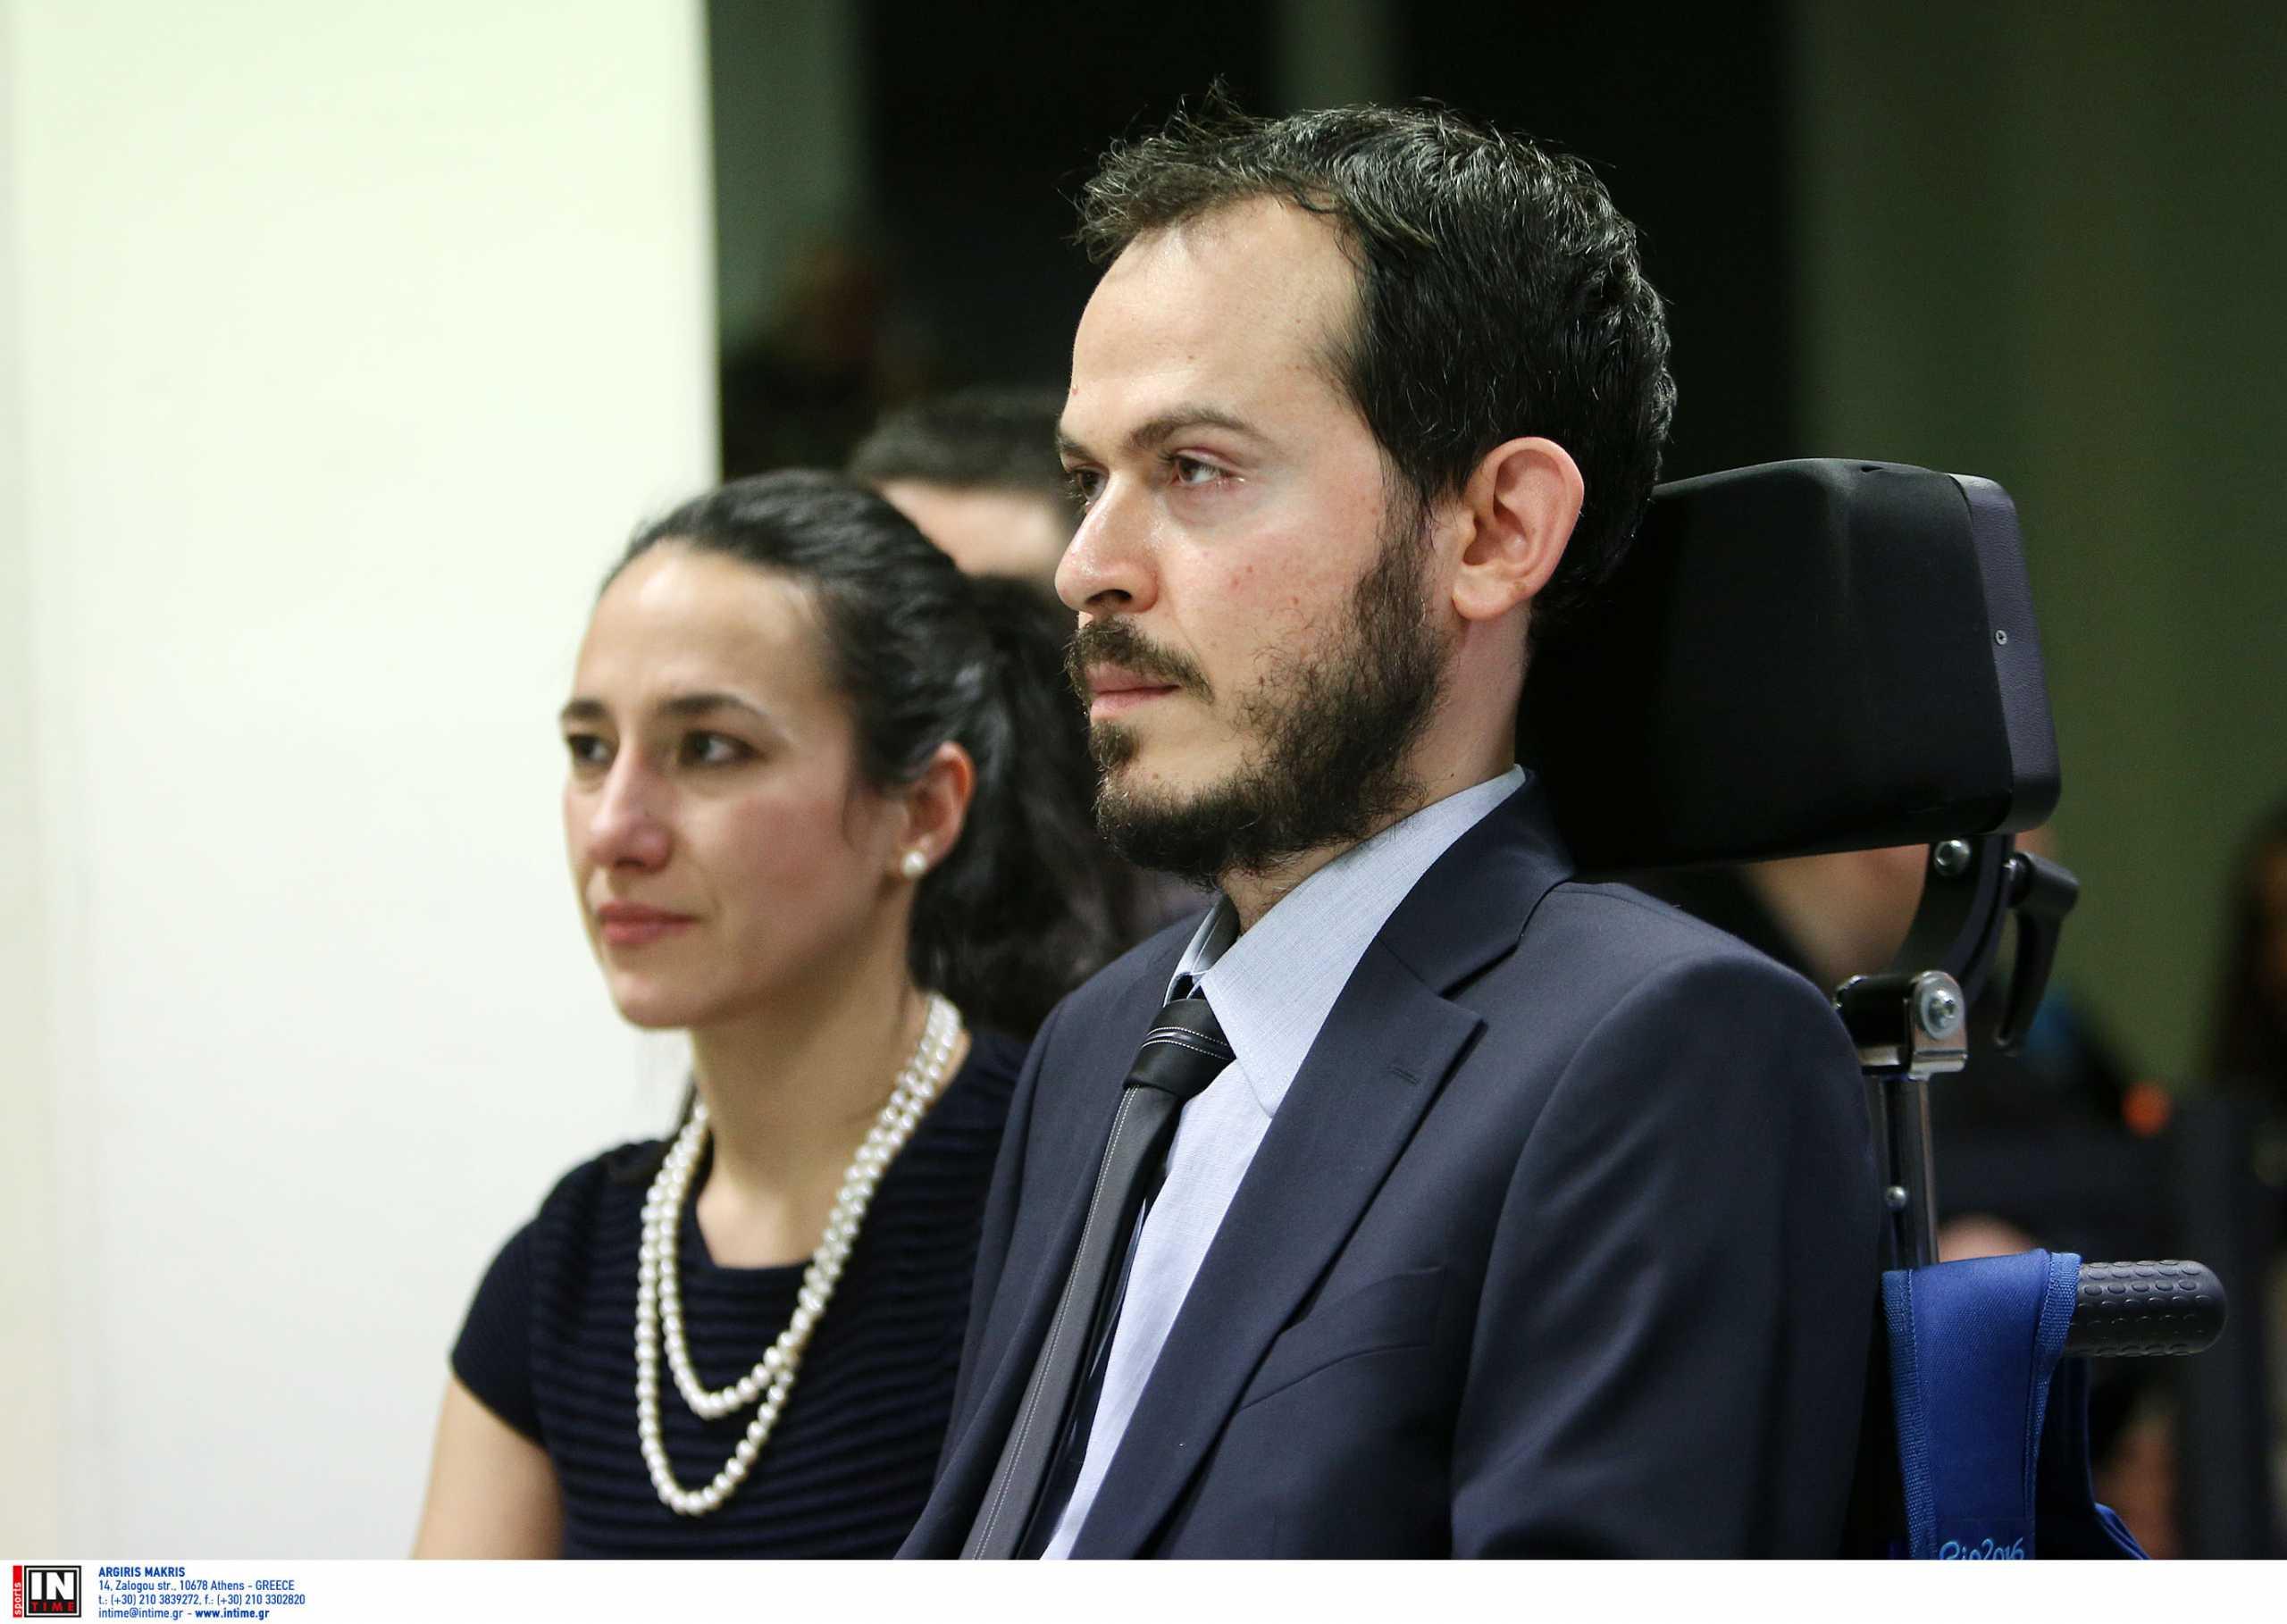 Γρηγόρης Πολυχρονίδης – Ο Έλληνας Παραολυμπιονίκης καταγγέλλει: «Έπεσα θύμα ψυχολογικής βίας»